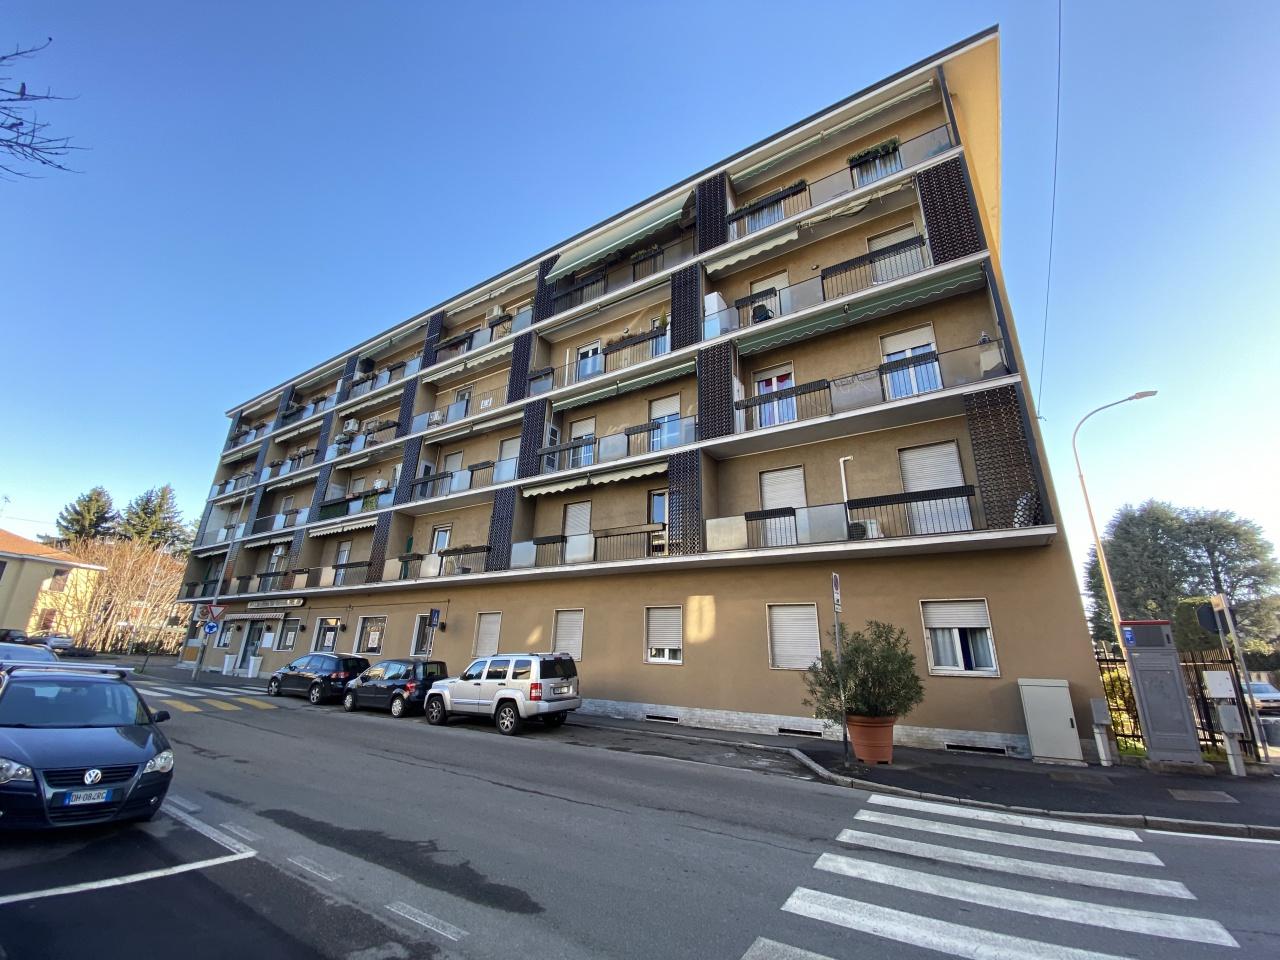 Appartamento in vendita a Pioltello, 3 locali, prezzo € 129.000 | PortaleAgenzieImmobiliari.it